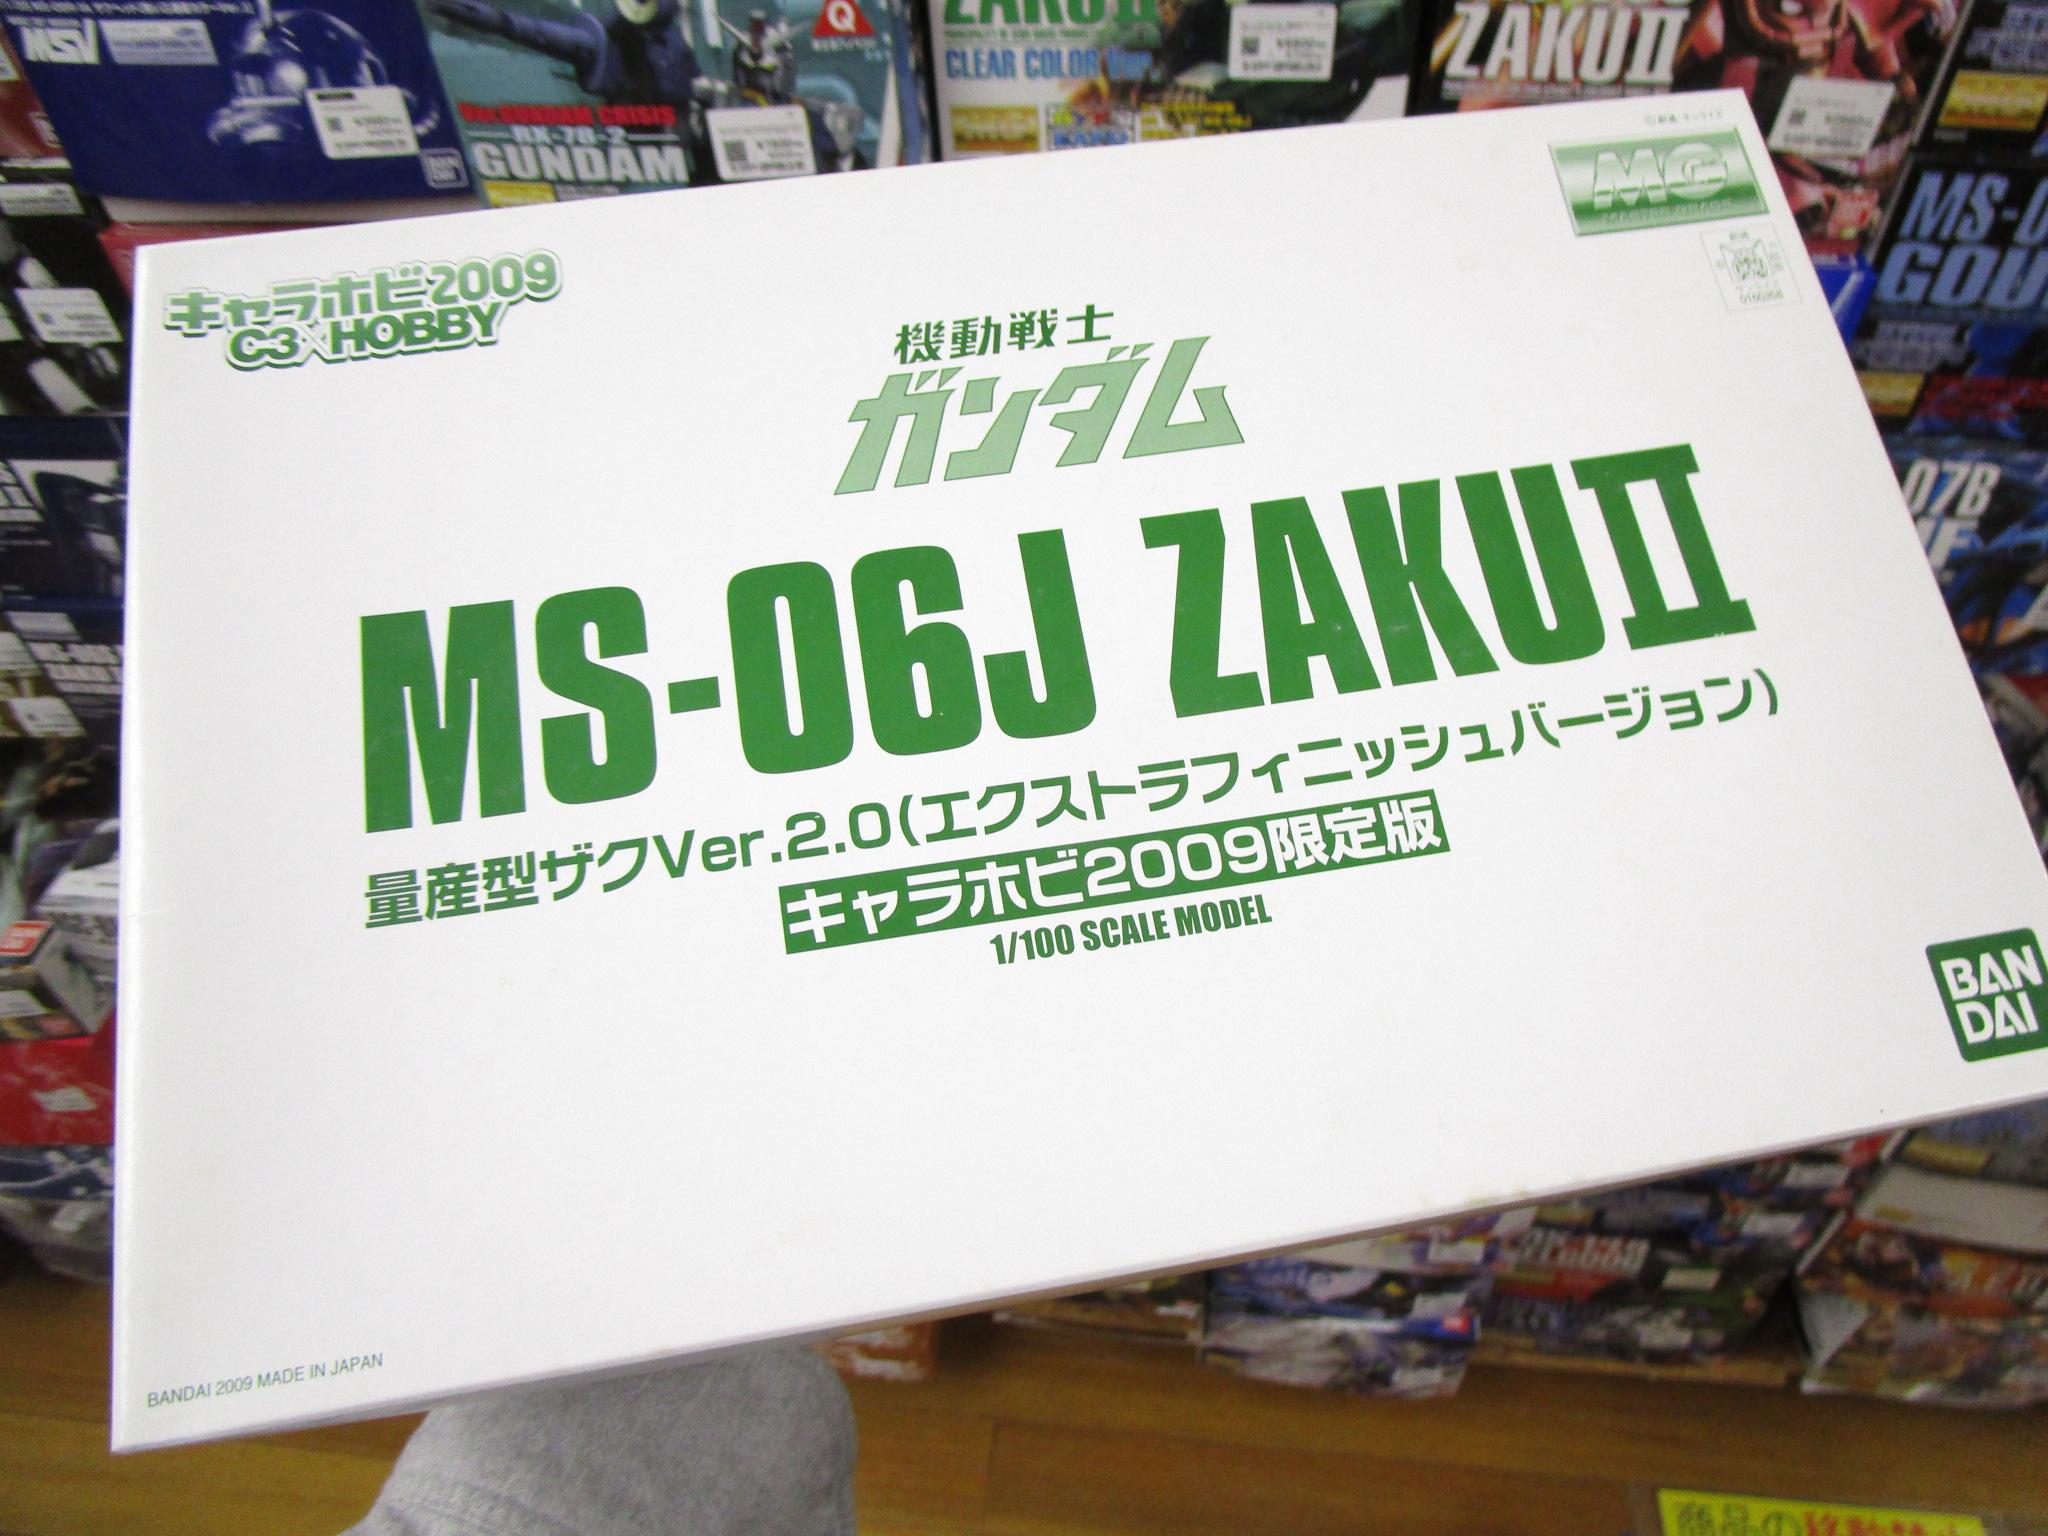 バンダイ 1/100 MG MS-06J 量産型ザク Ver.2.0 エクストラフィニッシュバージョン キャラホビ2009限定